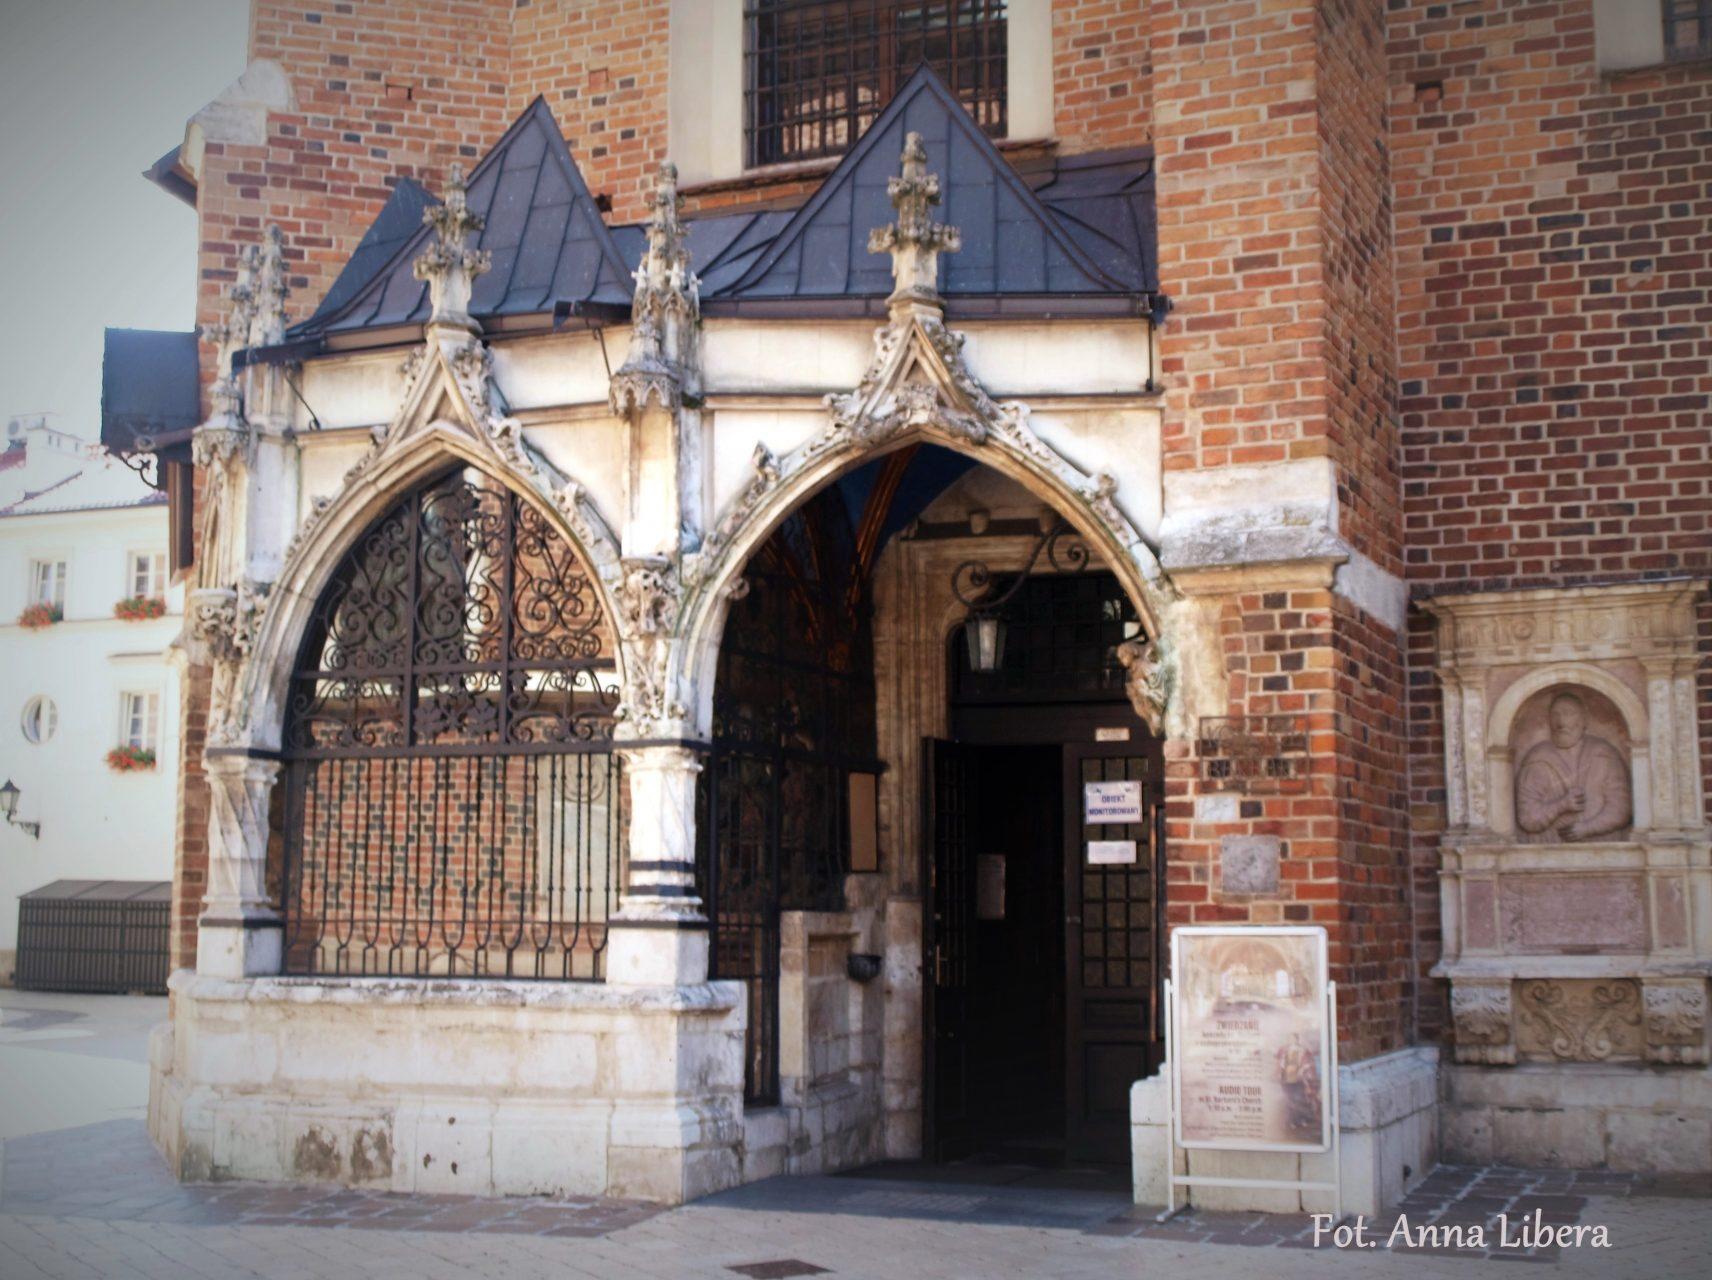 Ażurowy gotycki Ogrójec przy kościele św. Barbary.